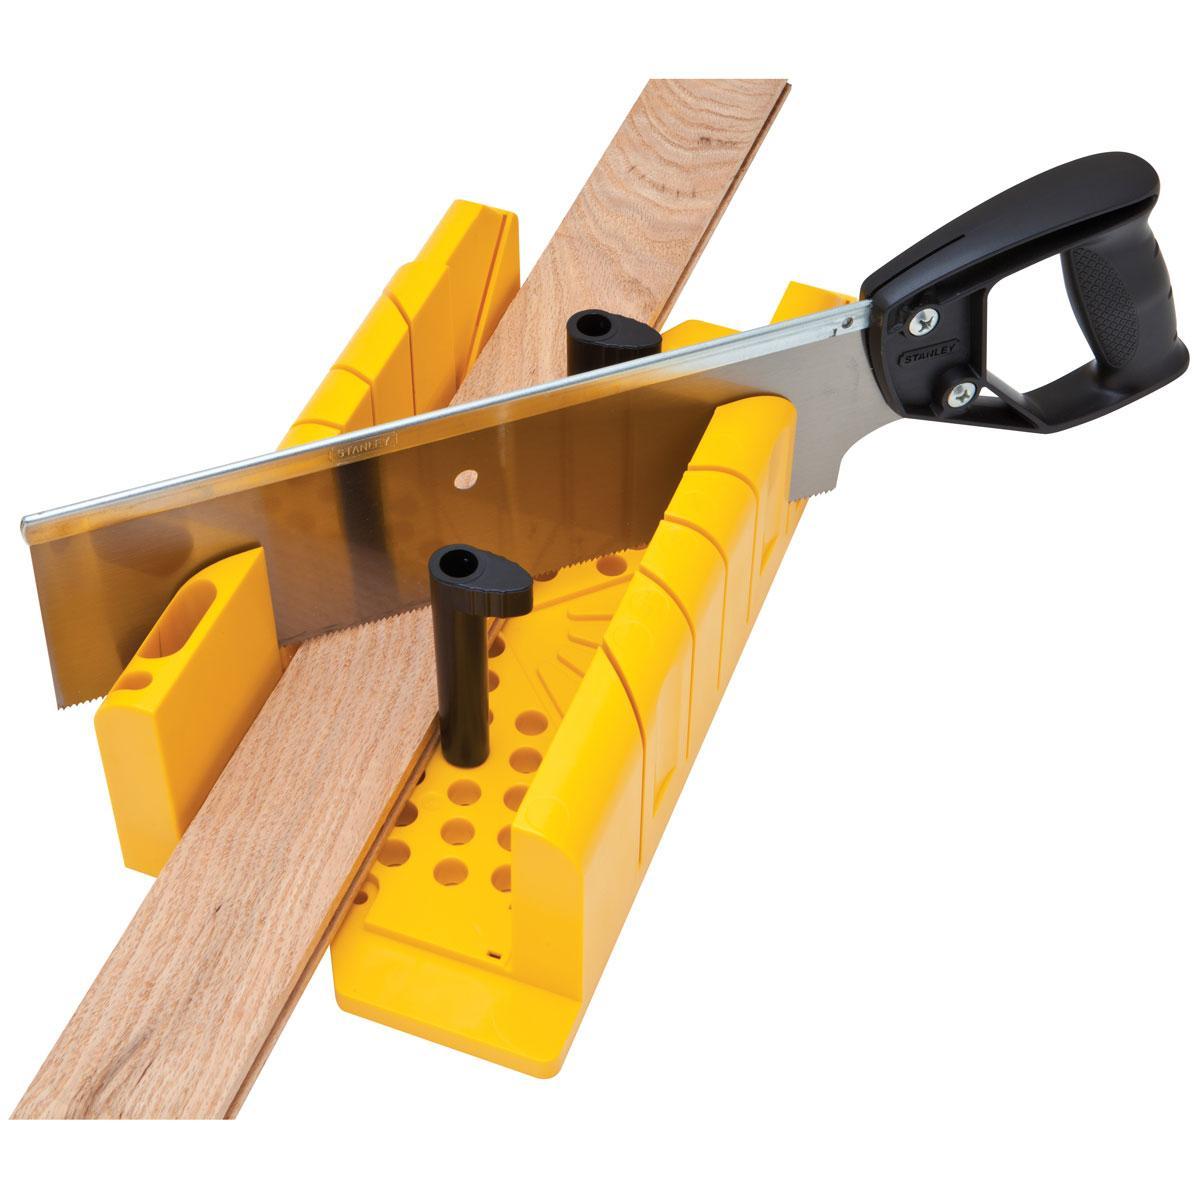 Кондуктор для быстрого распила доски или бруса под различными углами